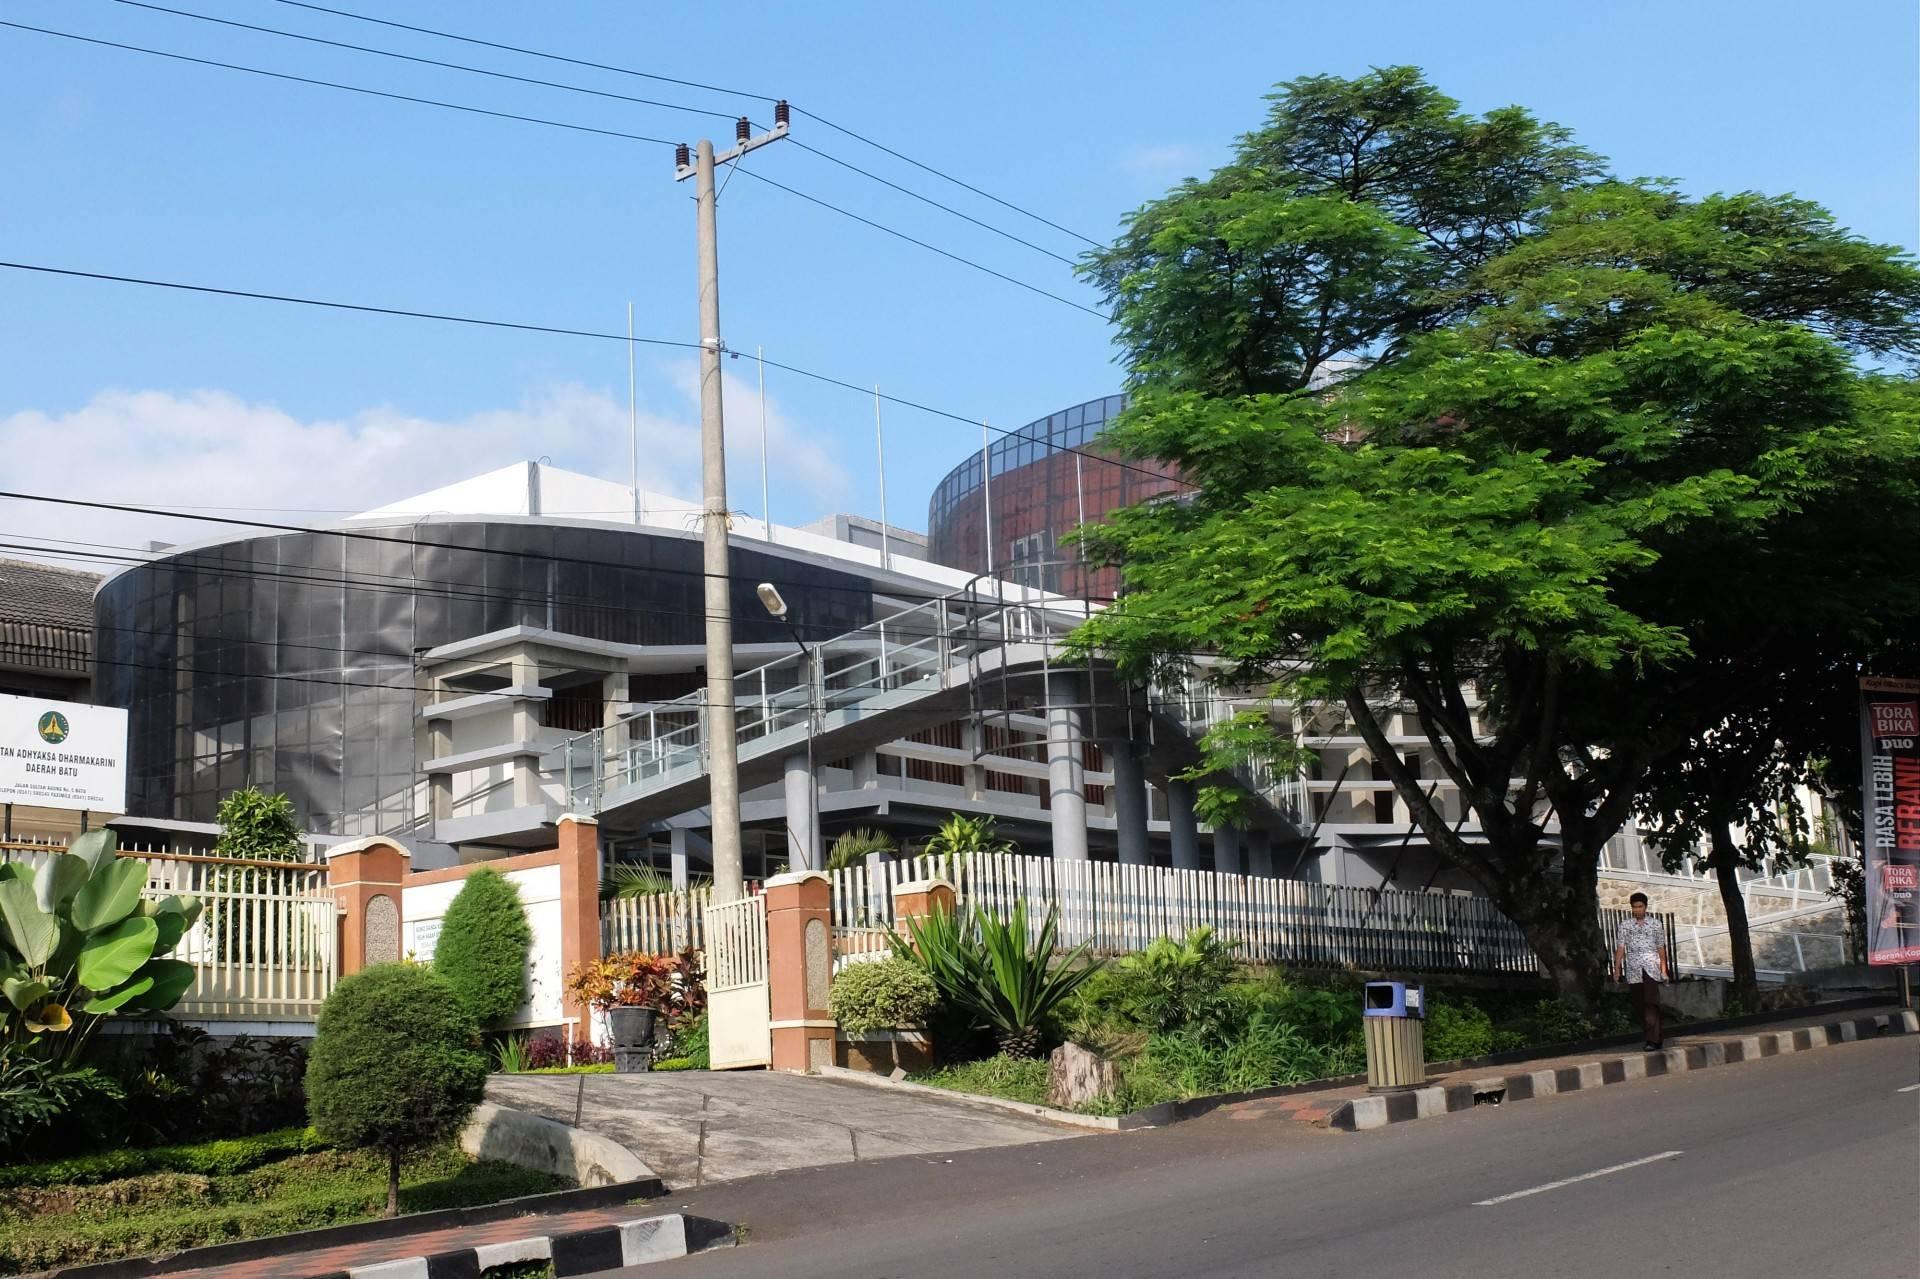 Haris Wibisono, Iai Veteran Building At Kota Batu Malang, East Java, Indonesia Malang, East Java, Indonesia Exterior-2   2527